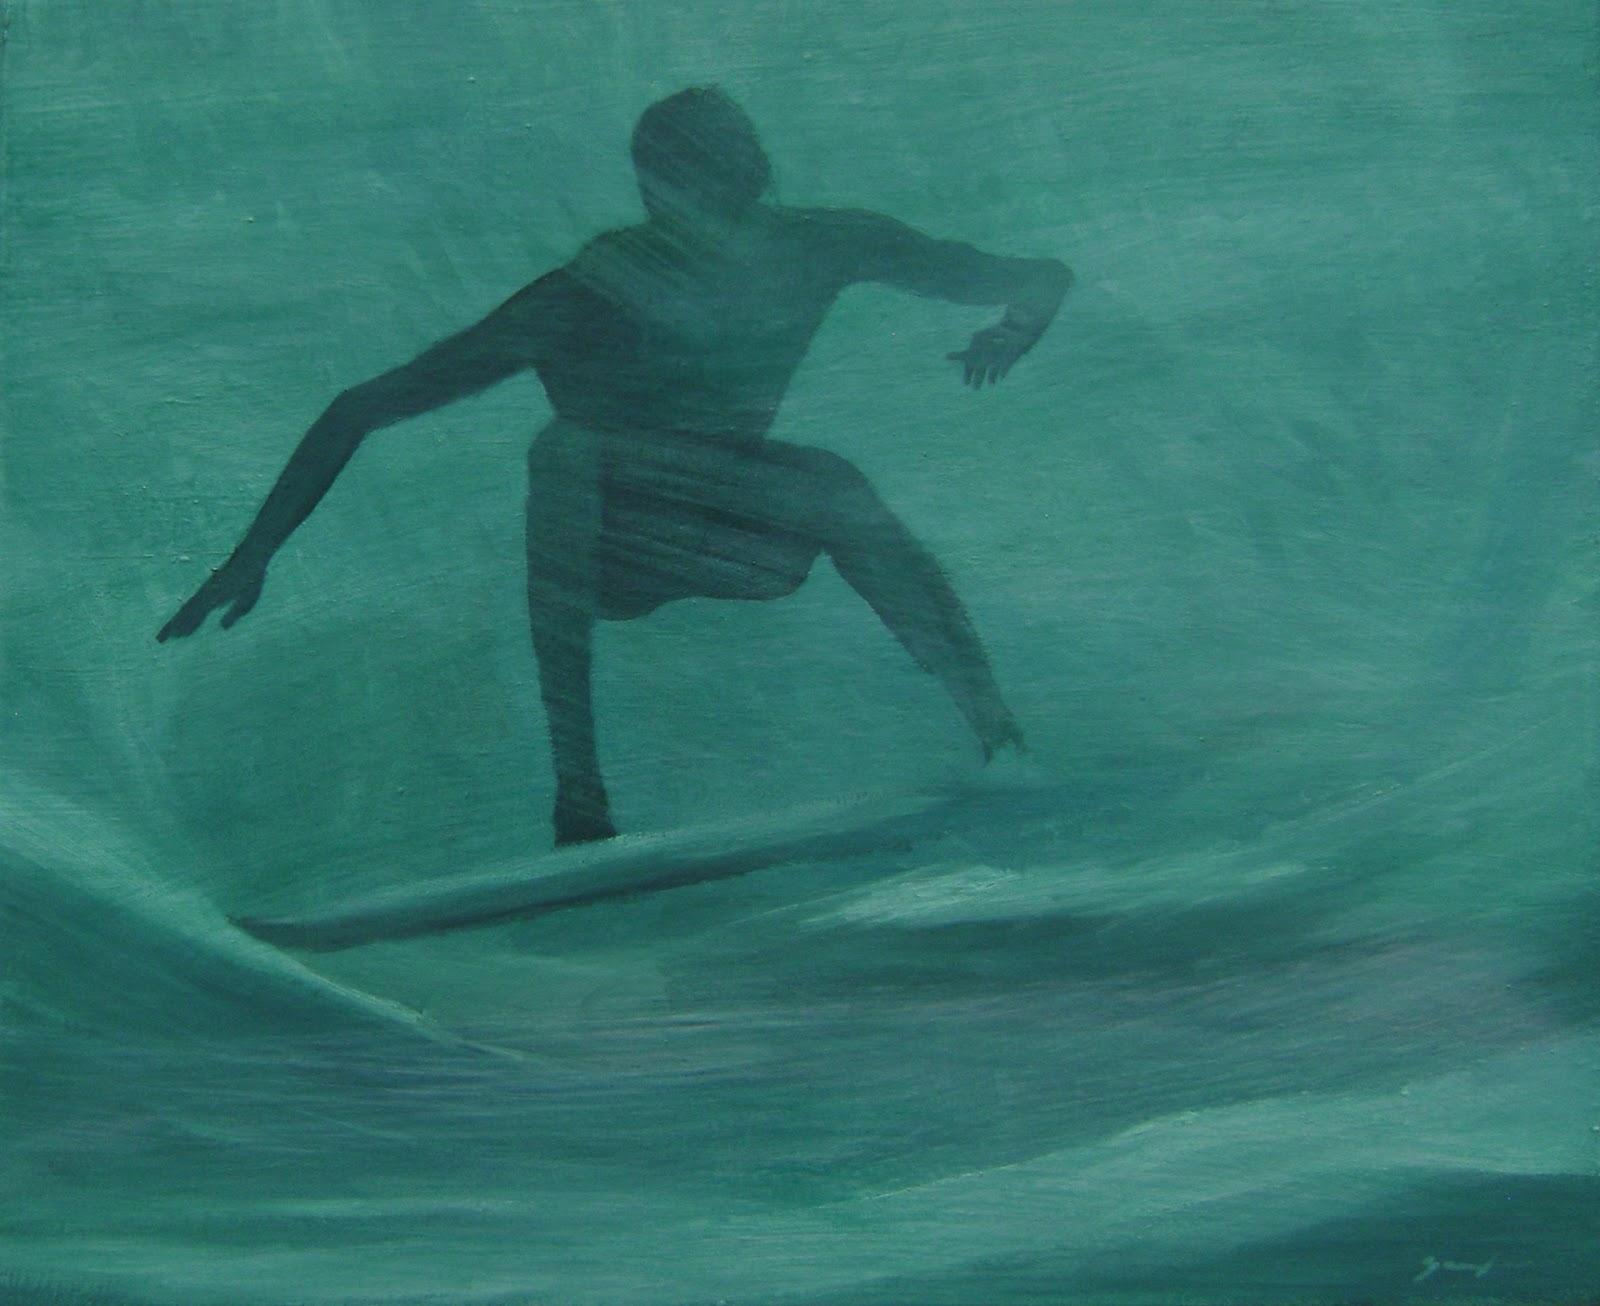 El surf art sugestivo de Eugenio Chellet